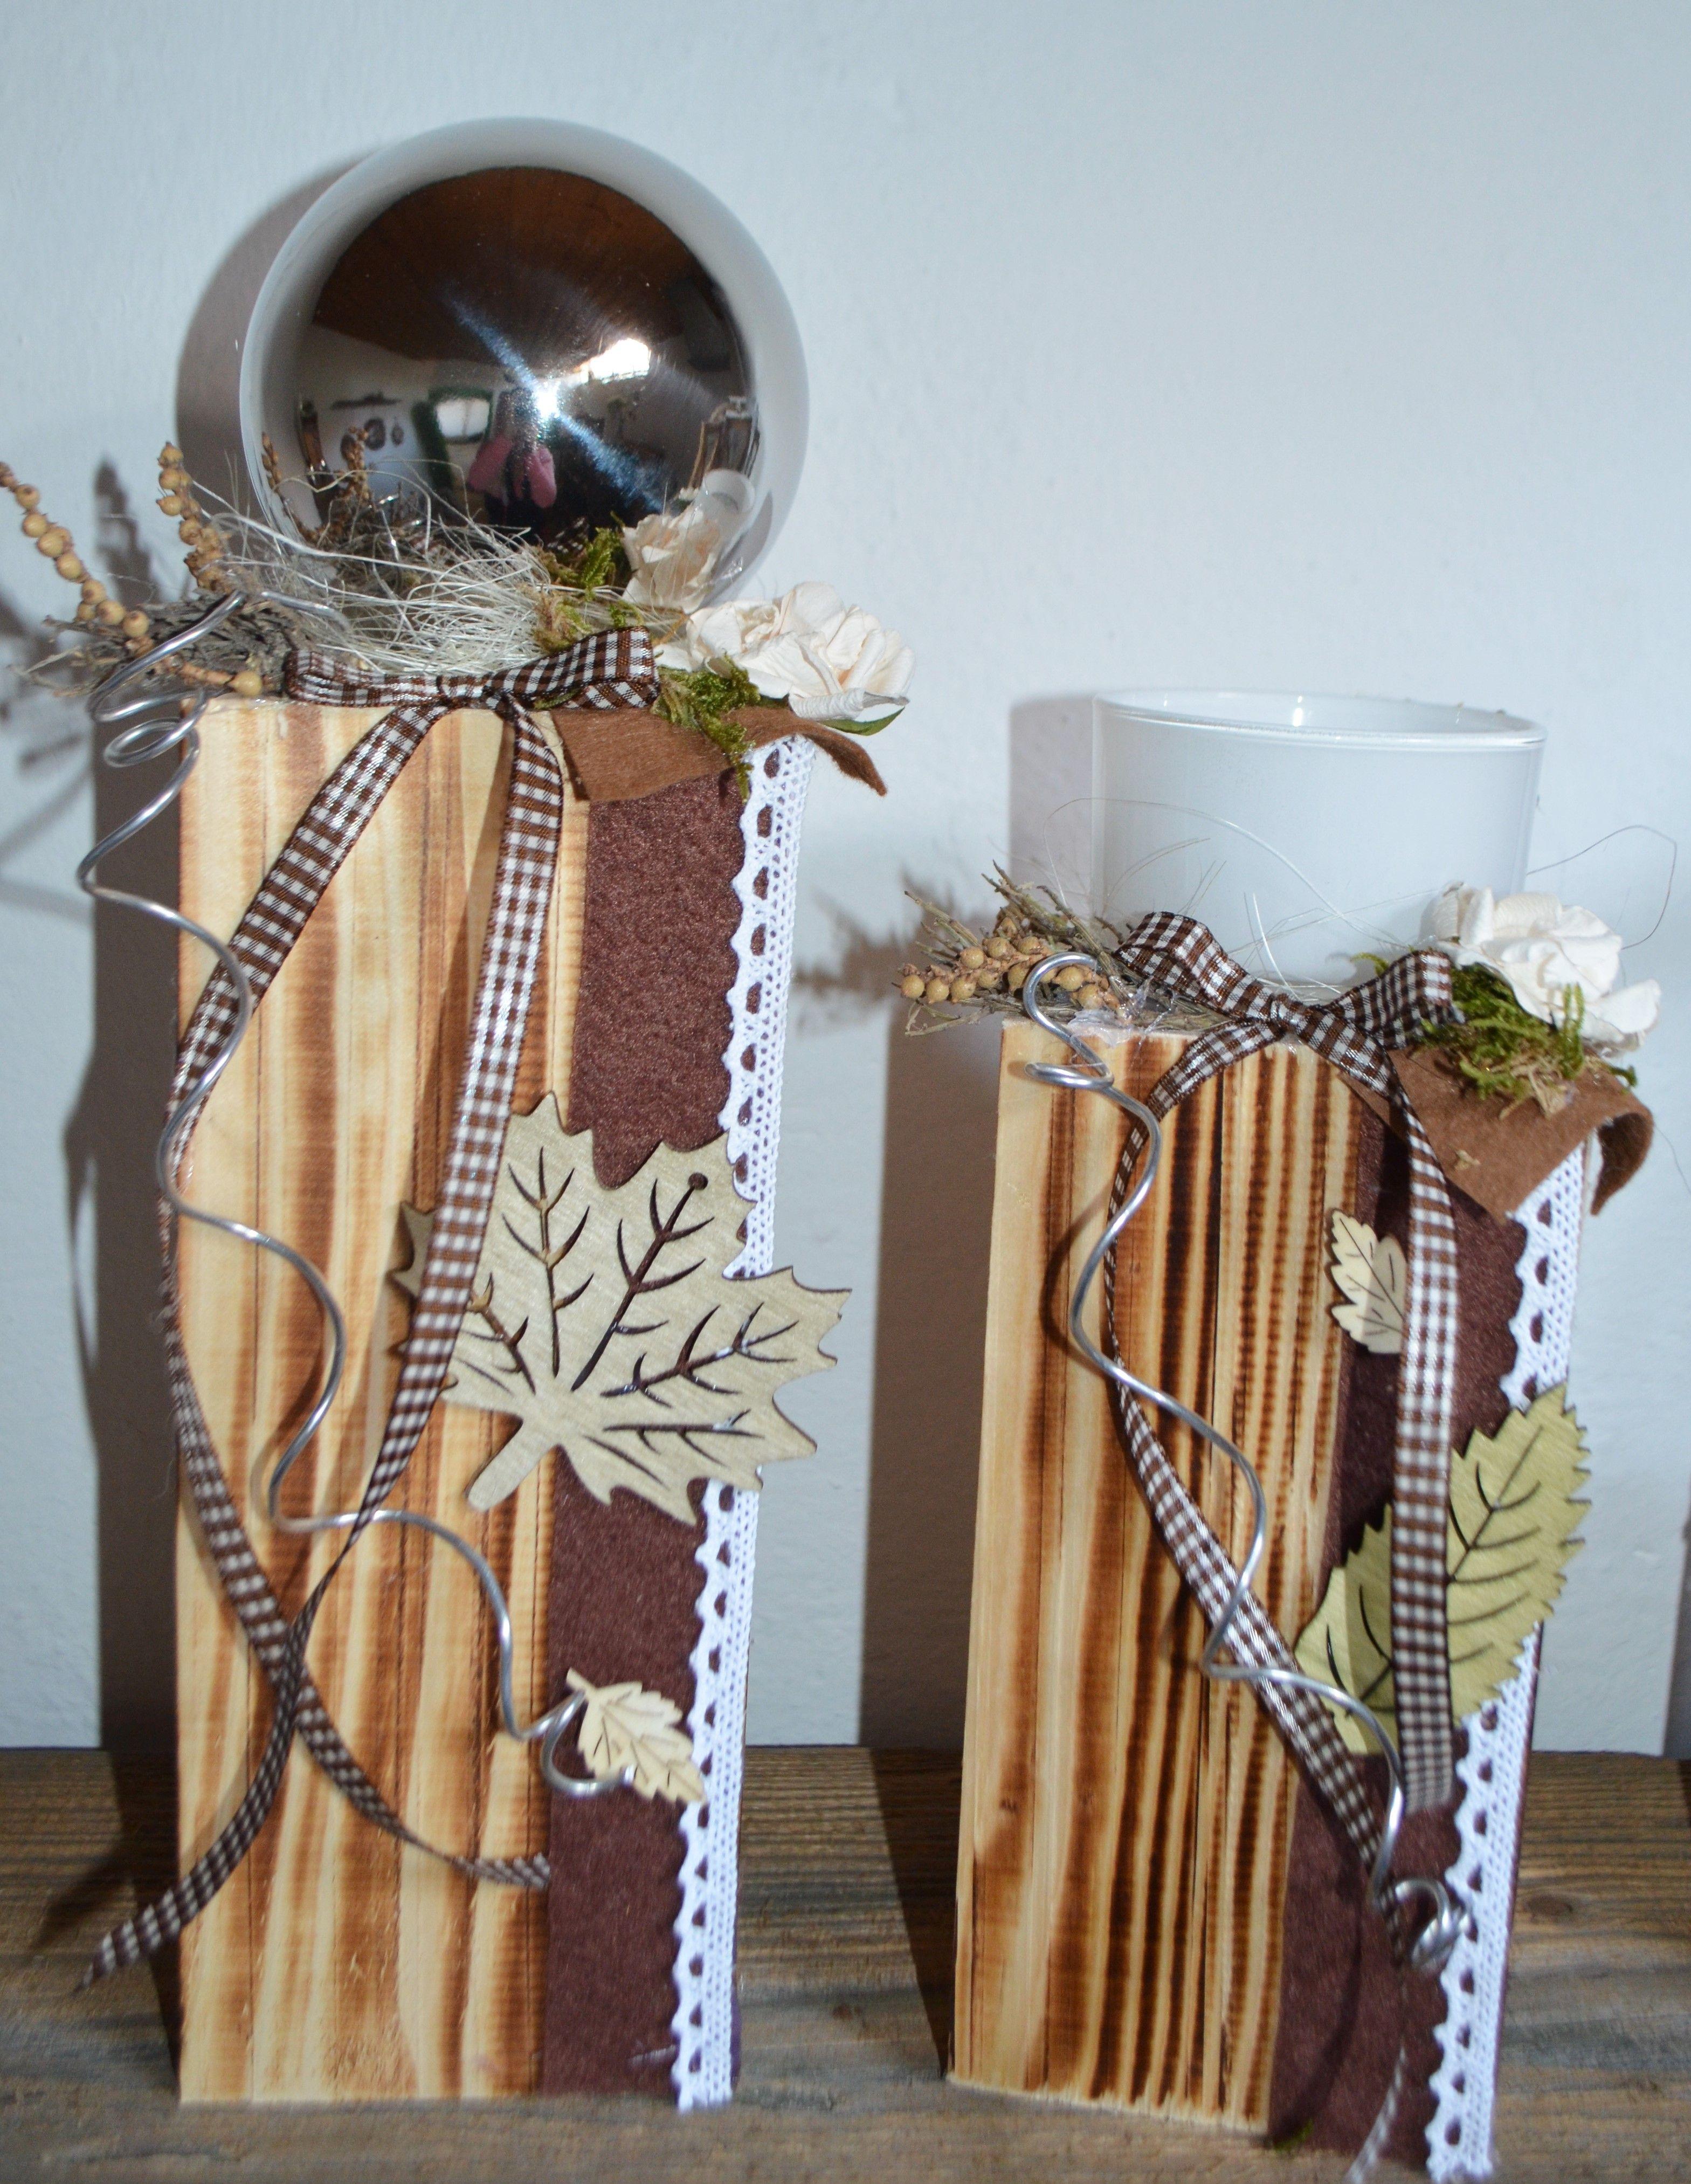 herbst deko altholt holz natur holzf chse herbst pinterest. Black Bedroom Furniture Sets. Home Design Ideas